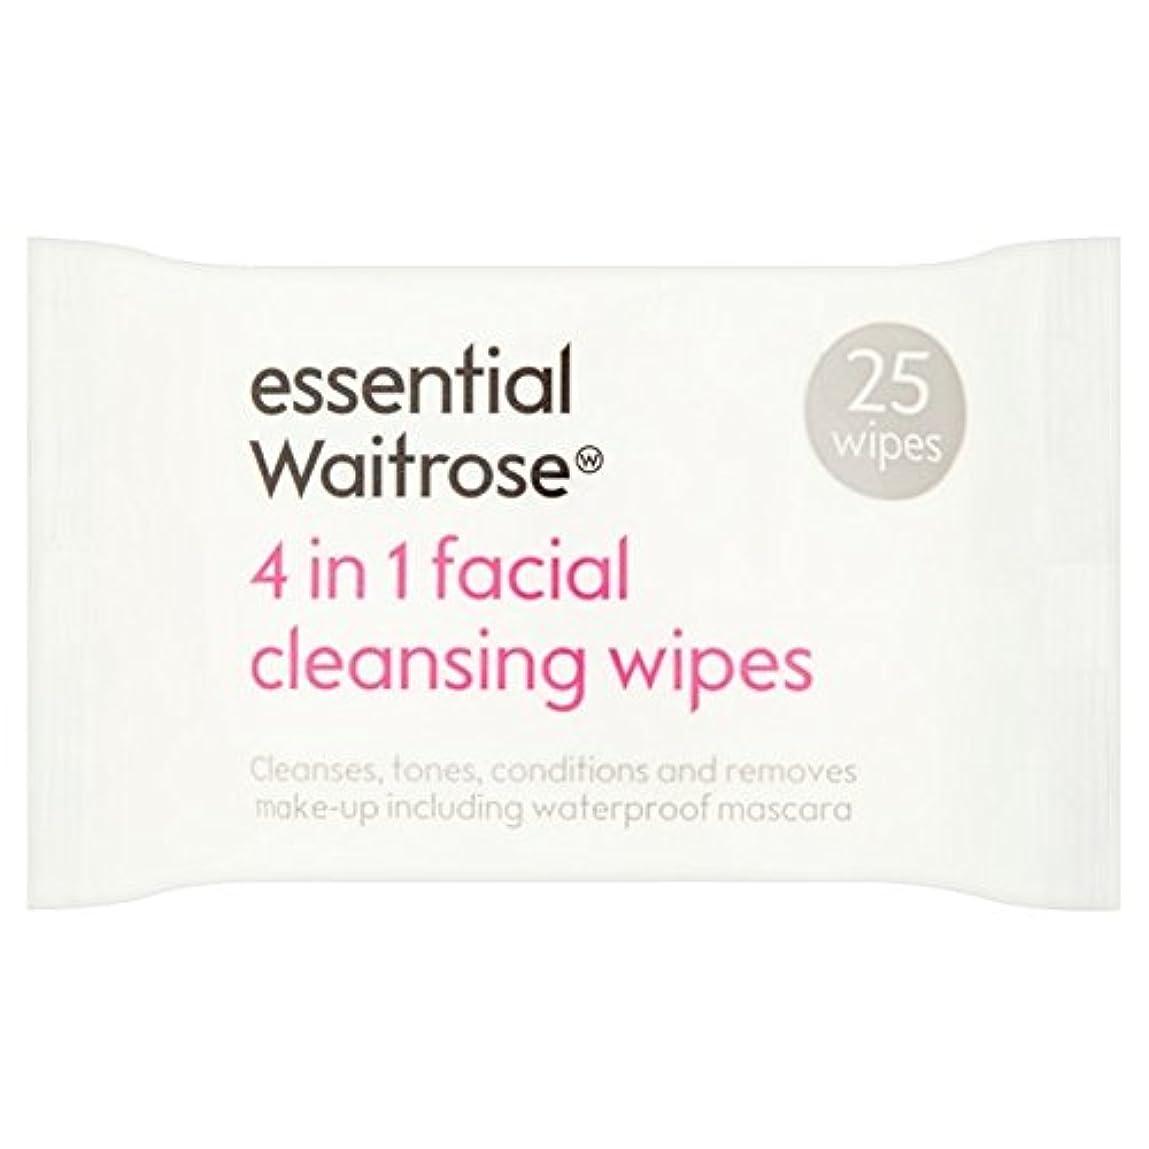 責め提供オーナメント3 1での顔のワイプパックあたり不可欠ウェイトローズ25 x2 - 3 in 1 Facial Wipes essential Waitrose 25 per pack (Pack of 2) [並行輸入品]